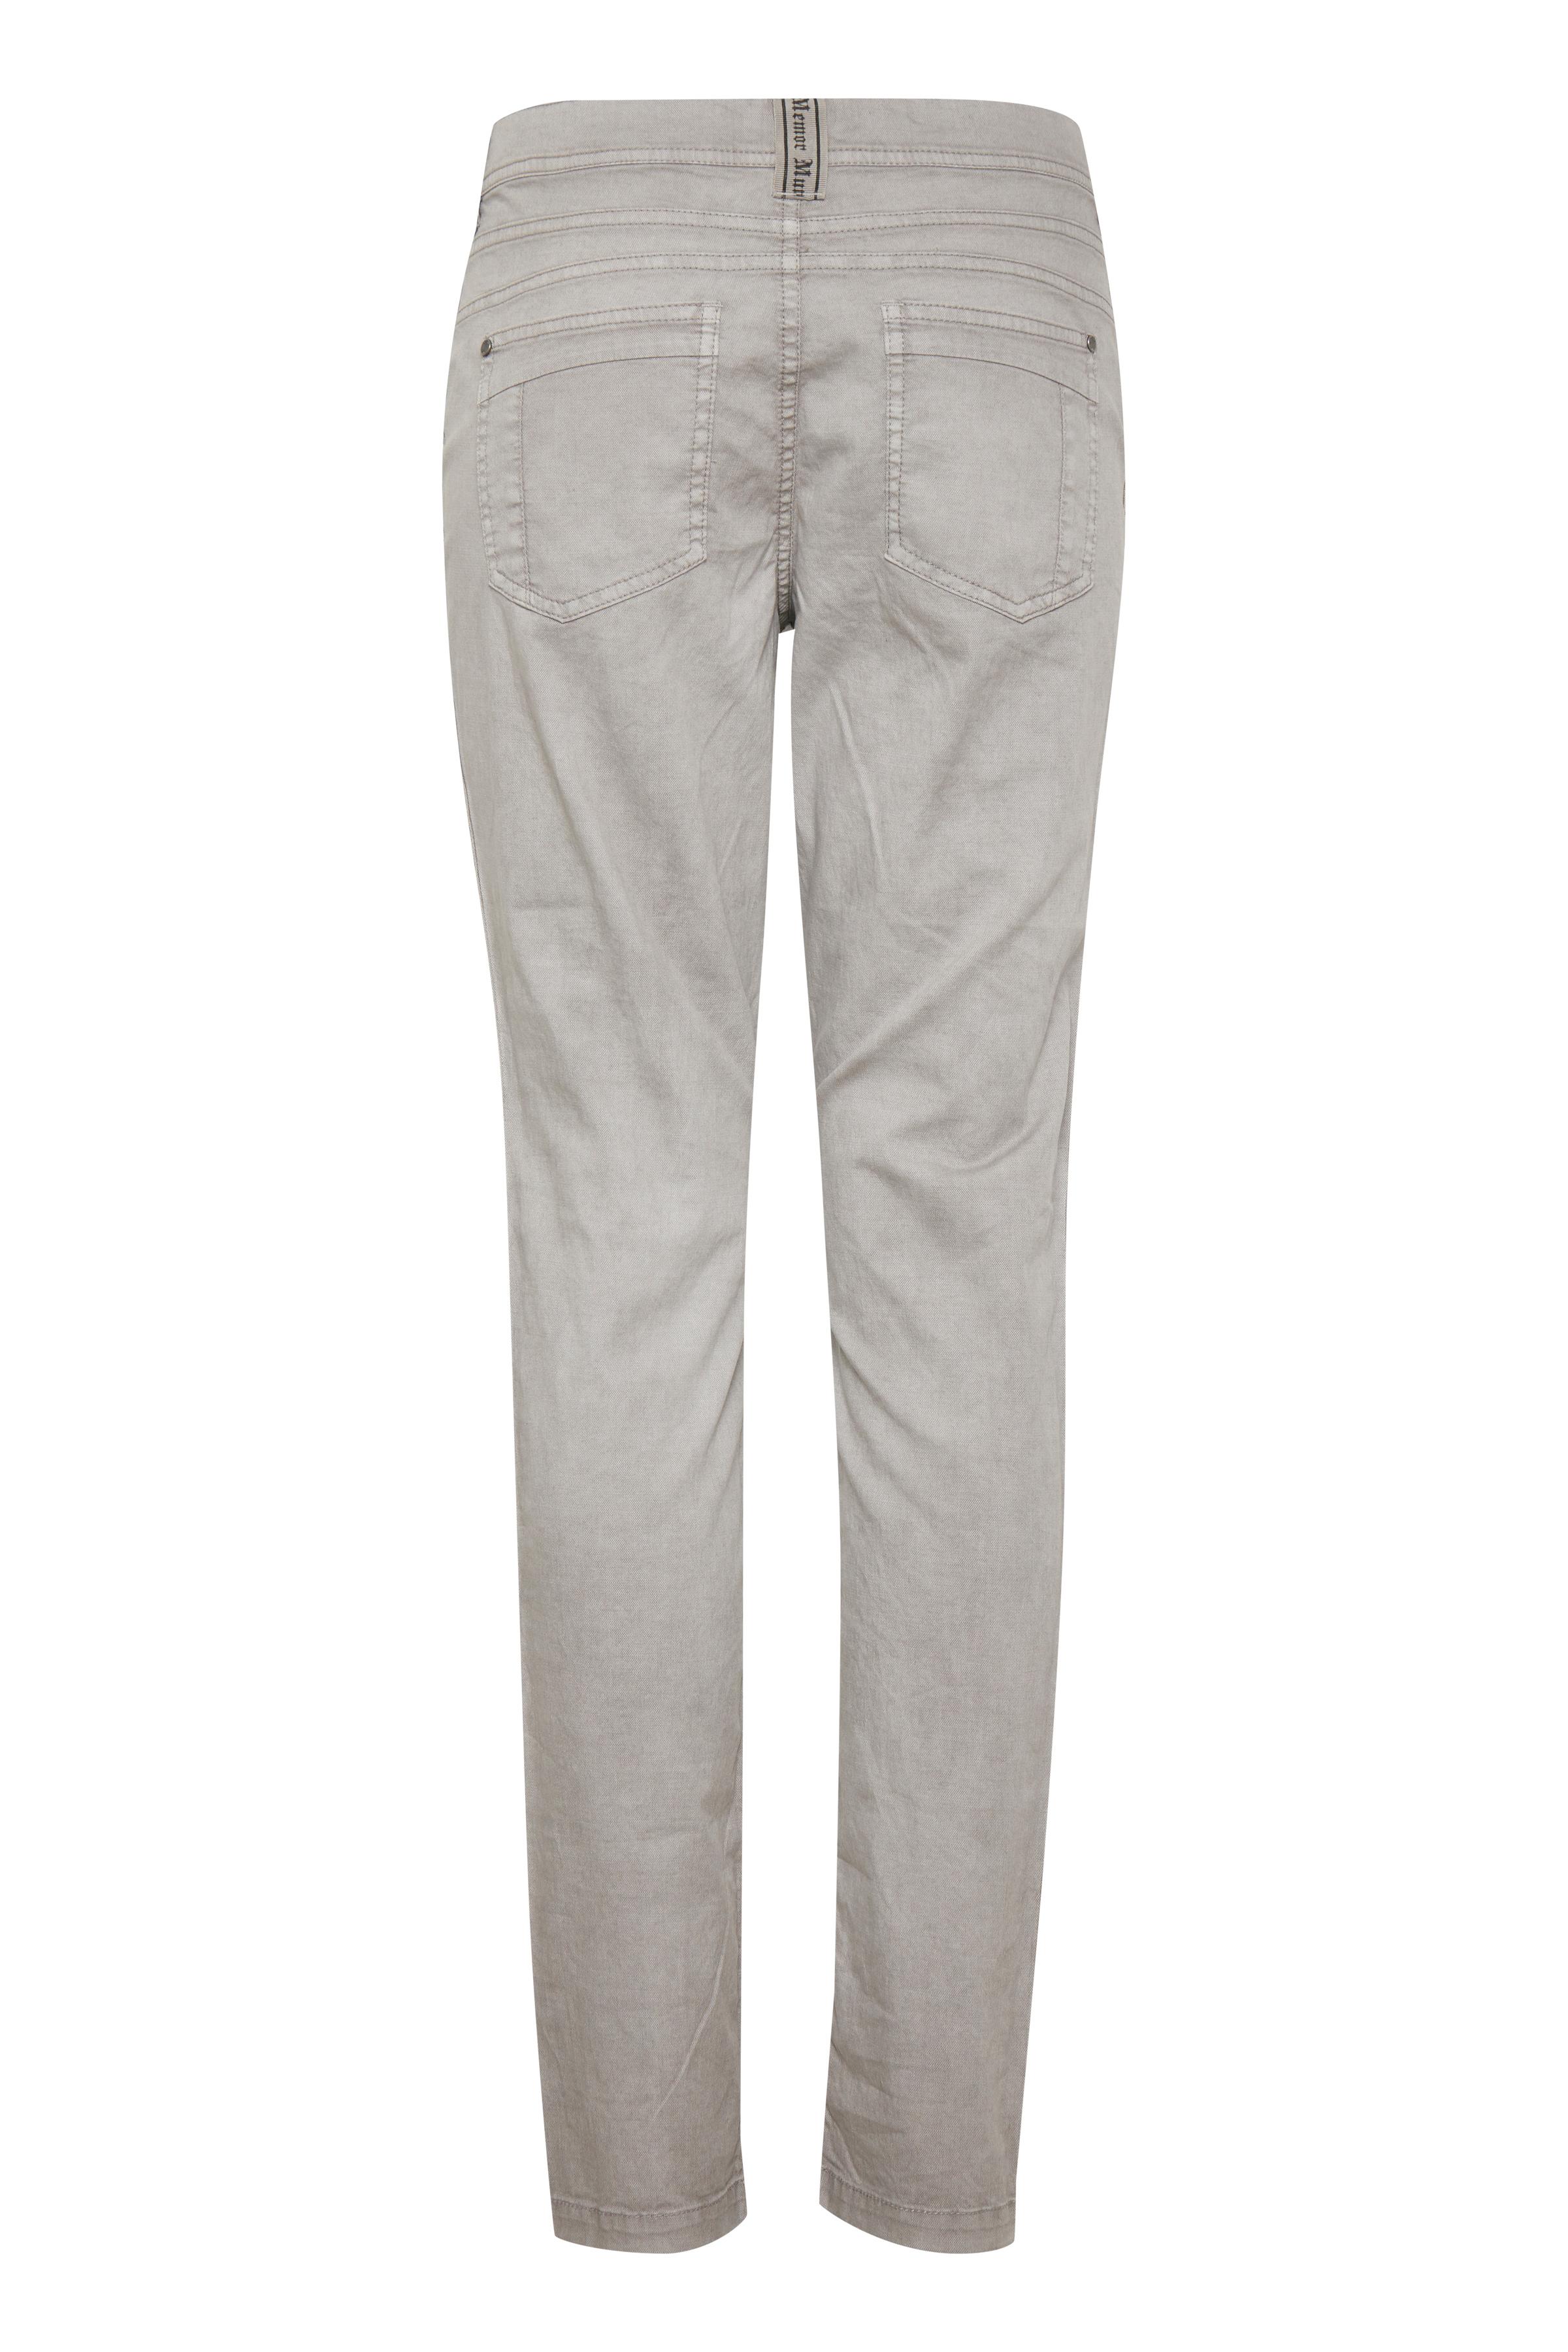 Washed Grey Casual buks – Køb Washed Grey Casual buks fra str. 32-44 her